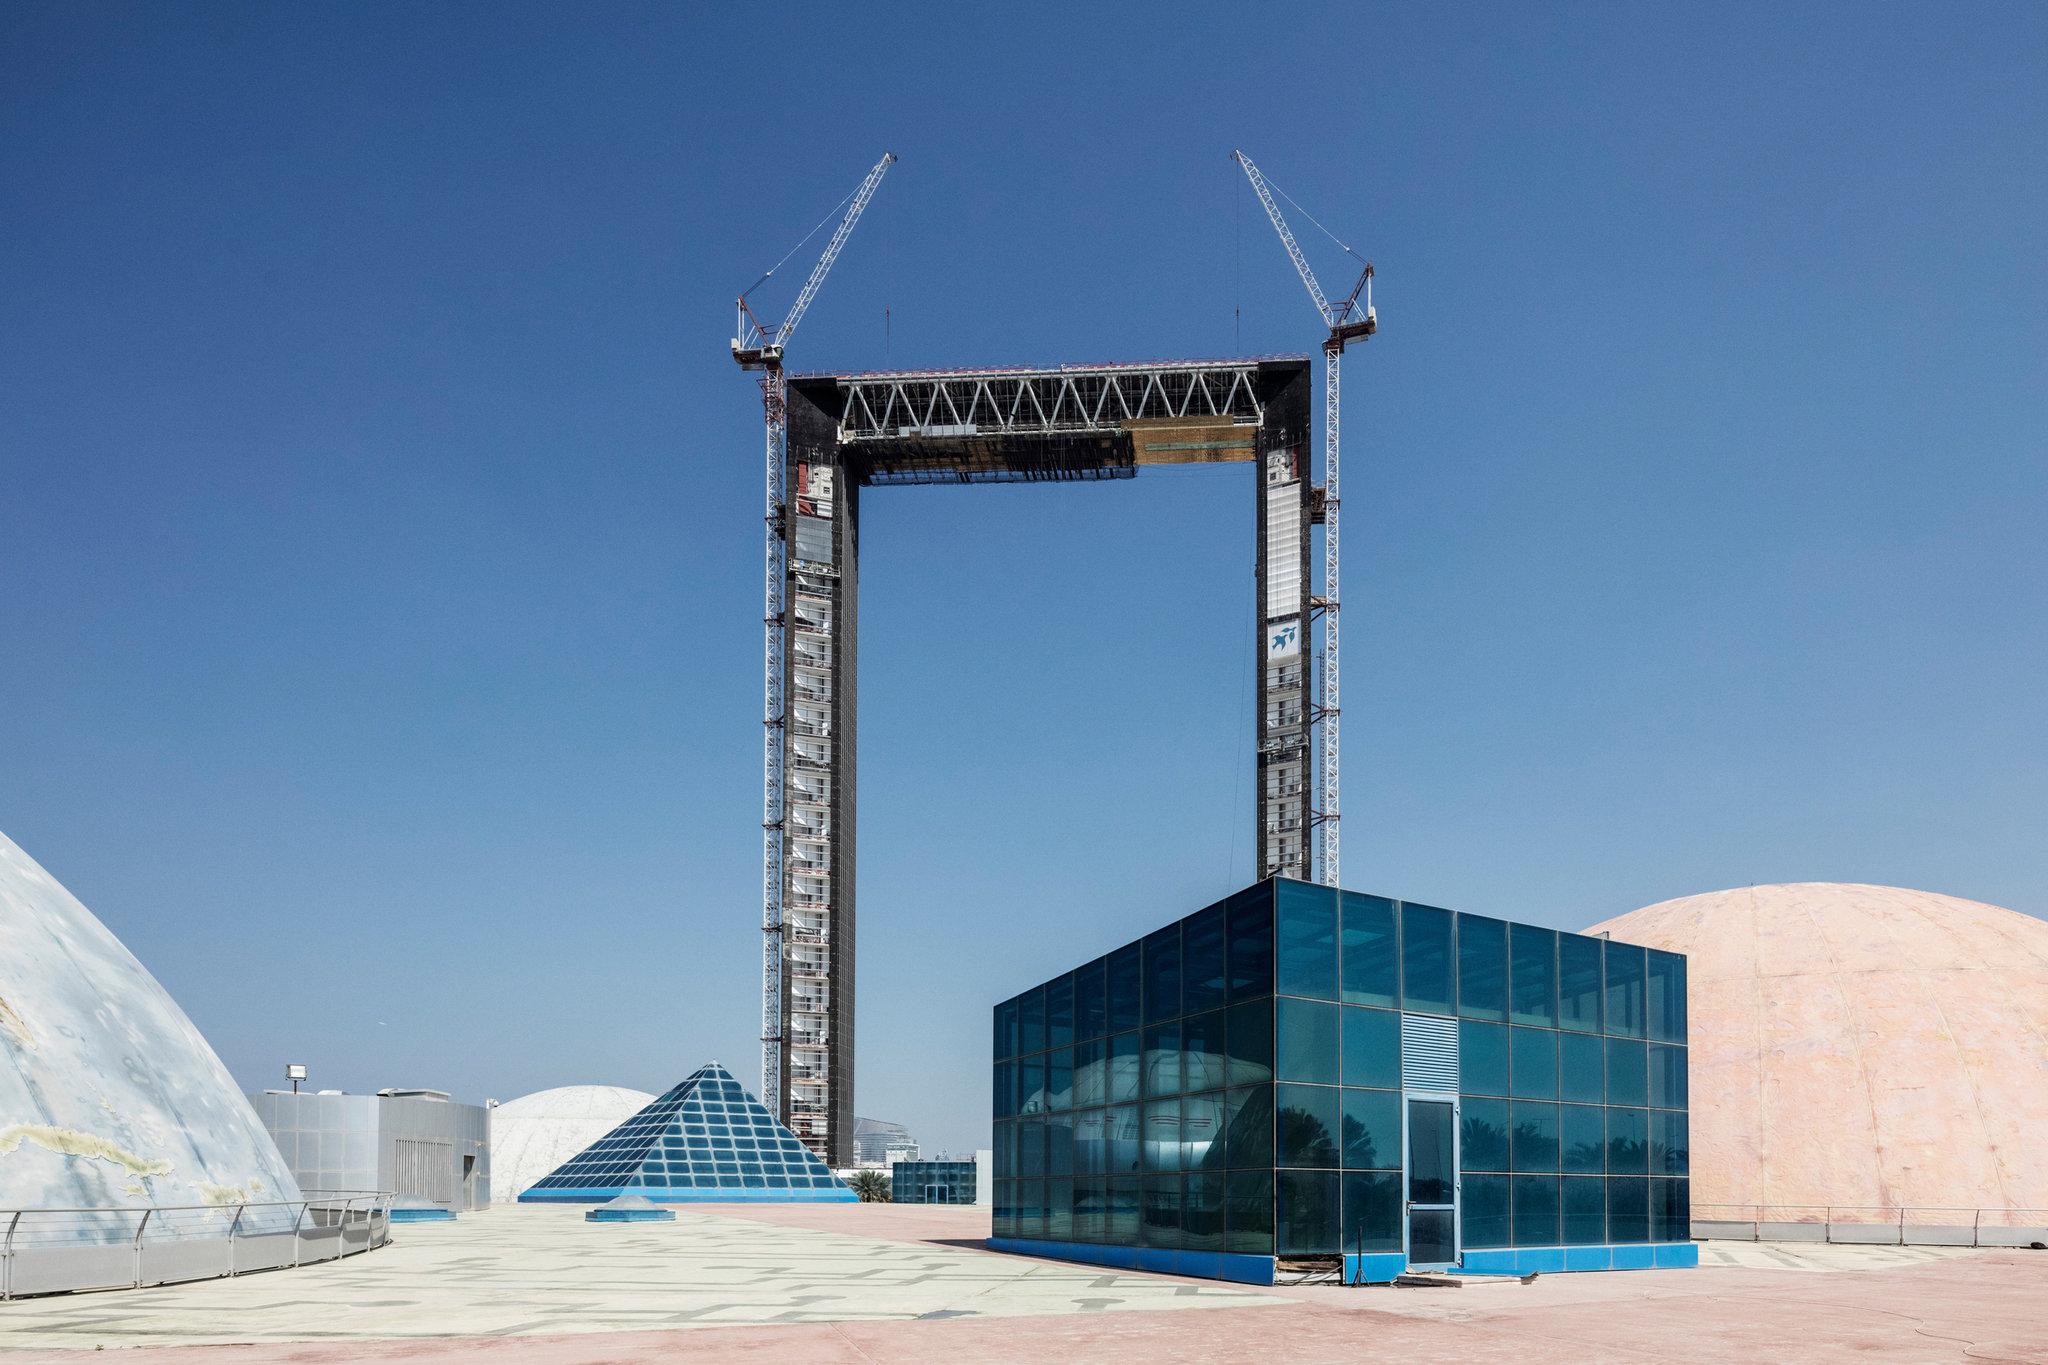 Εντυπωσιακό! Ουρανοξύστης στο Ντουμπάι θα μοιάζει με τεράστια κορνίζα! (photos)